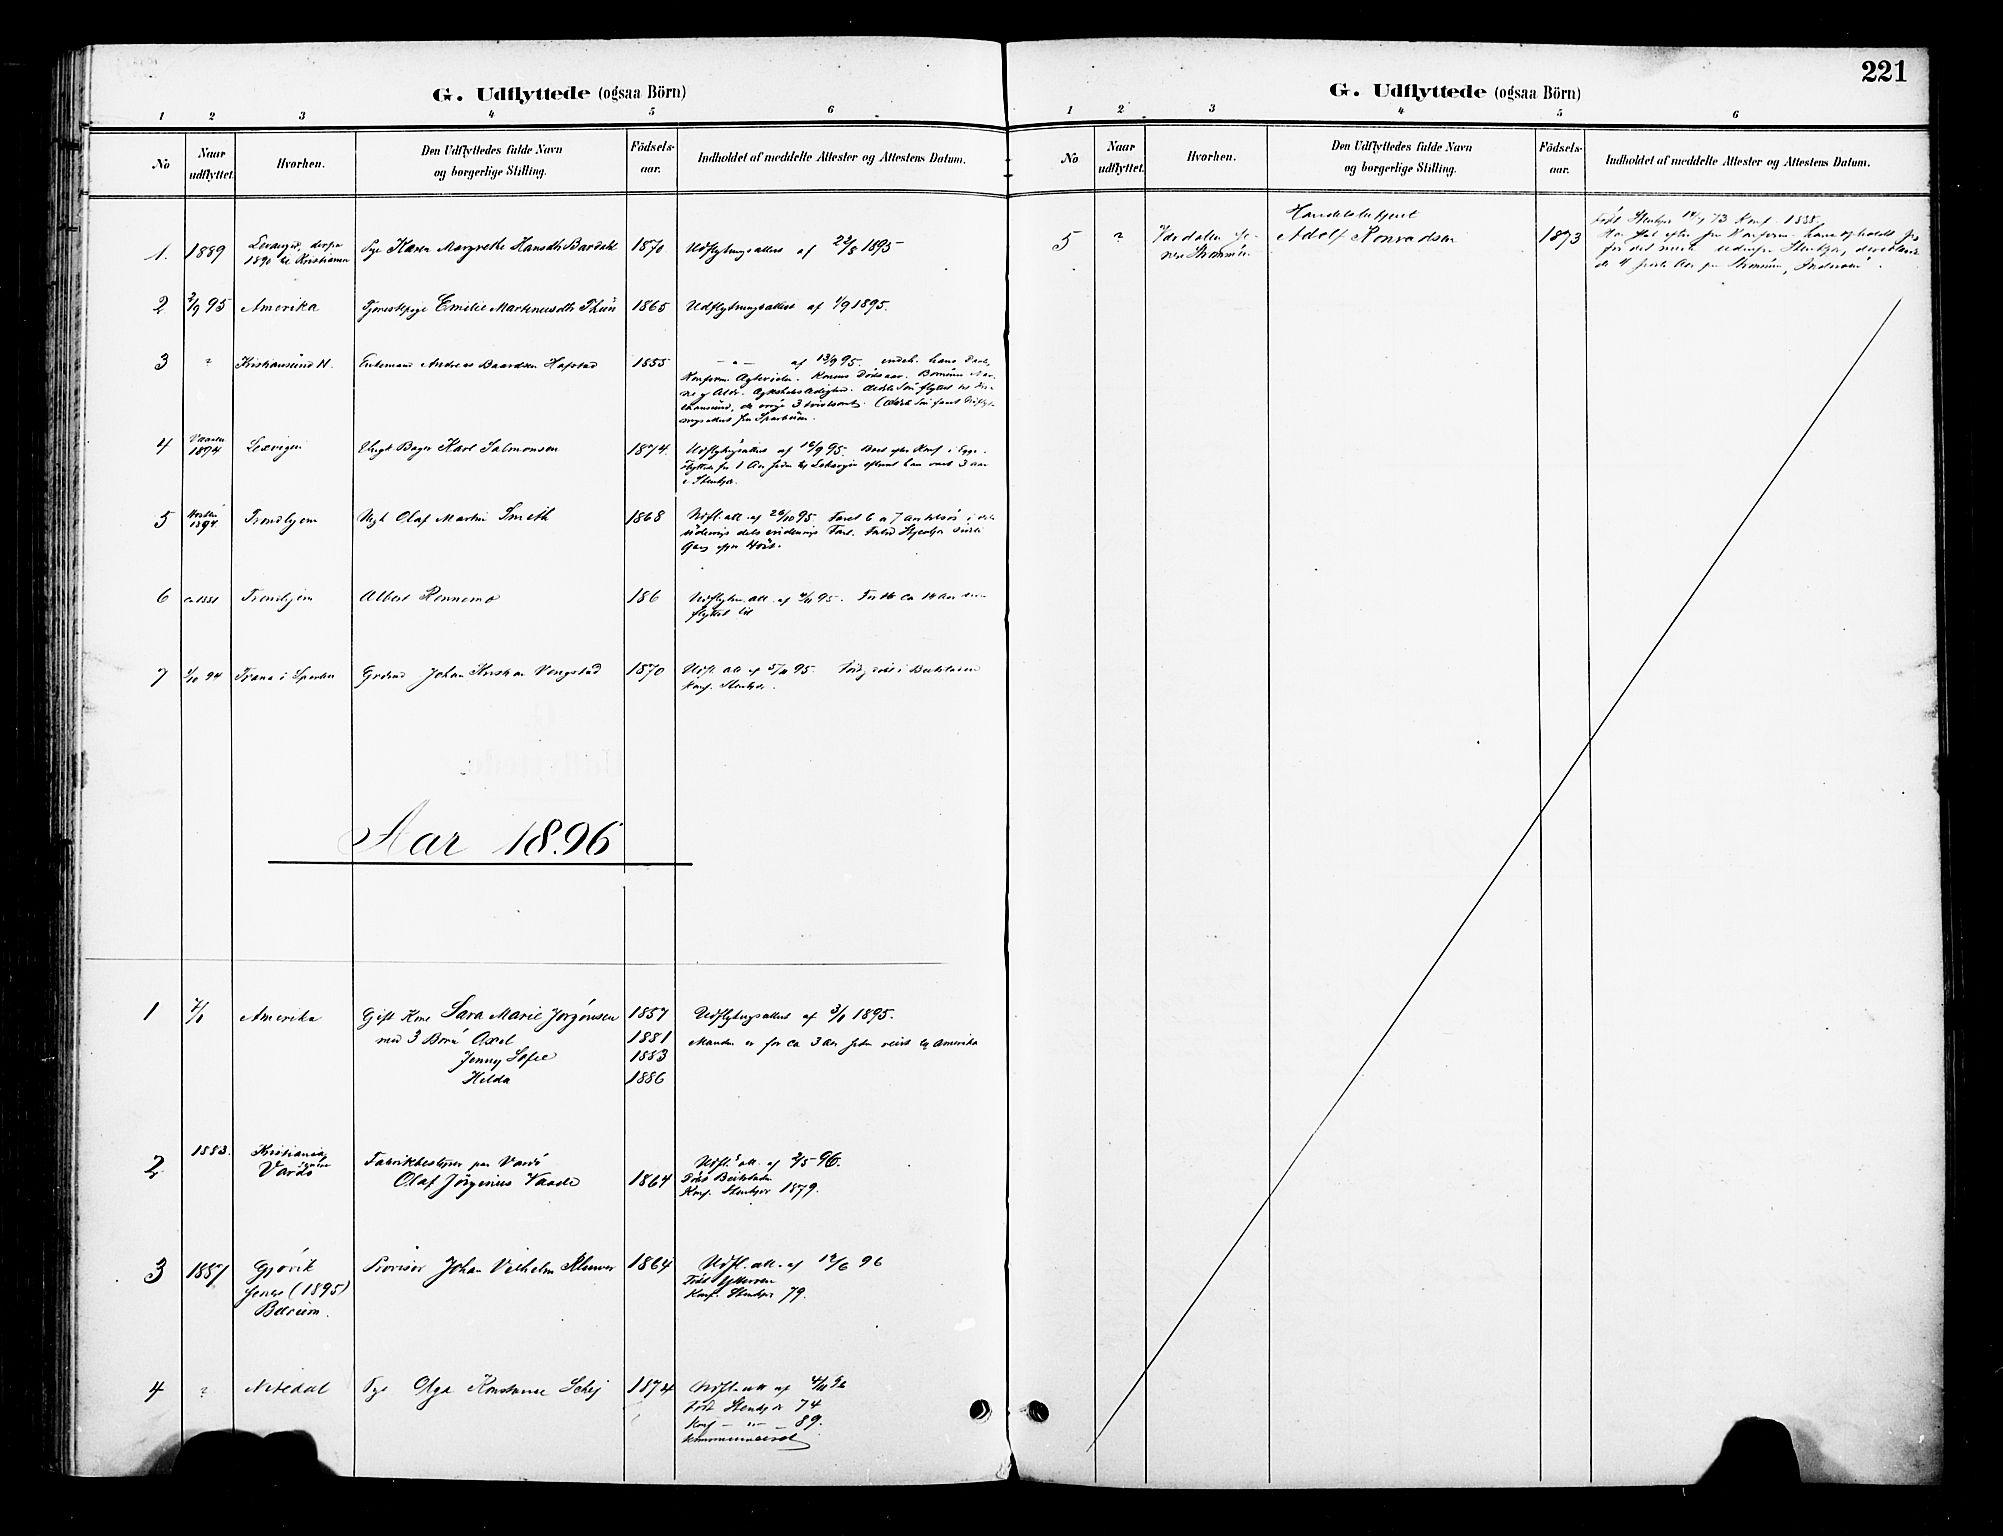 SAT, Ministerialprotokoller, klokkerbøker og fødselsregistre - Nord-Trøndelag, 739/L0372: Ministerialbok nr. 739A04, 1895-1903, s. 221